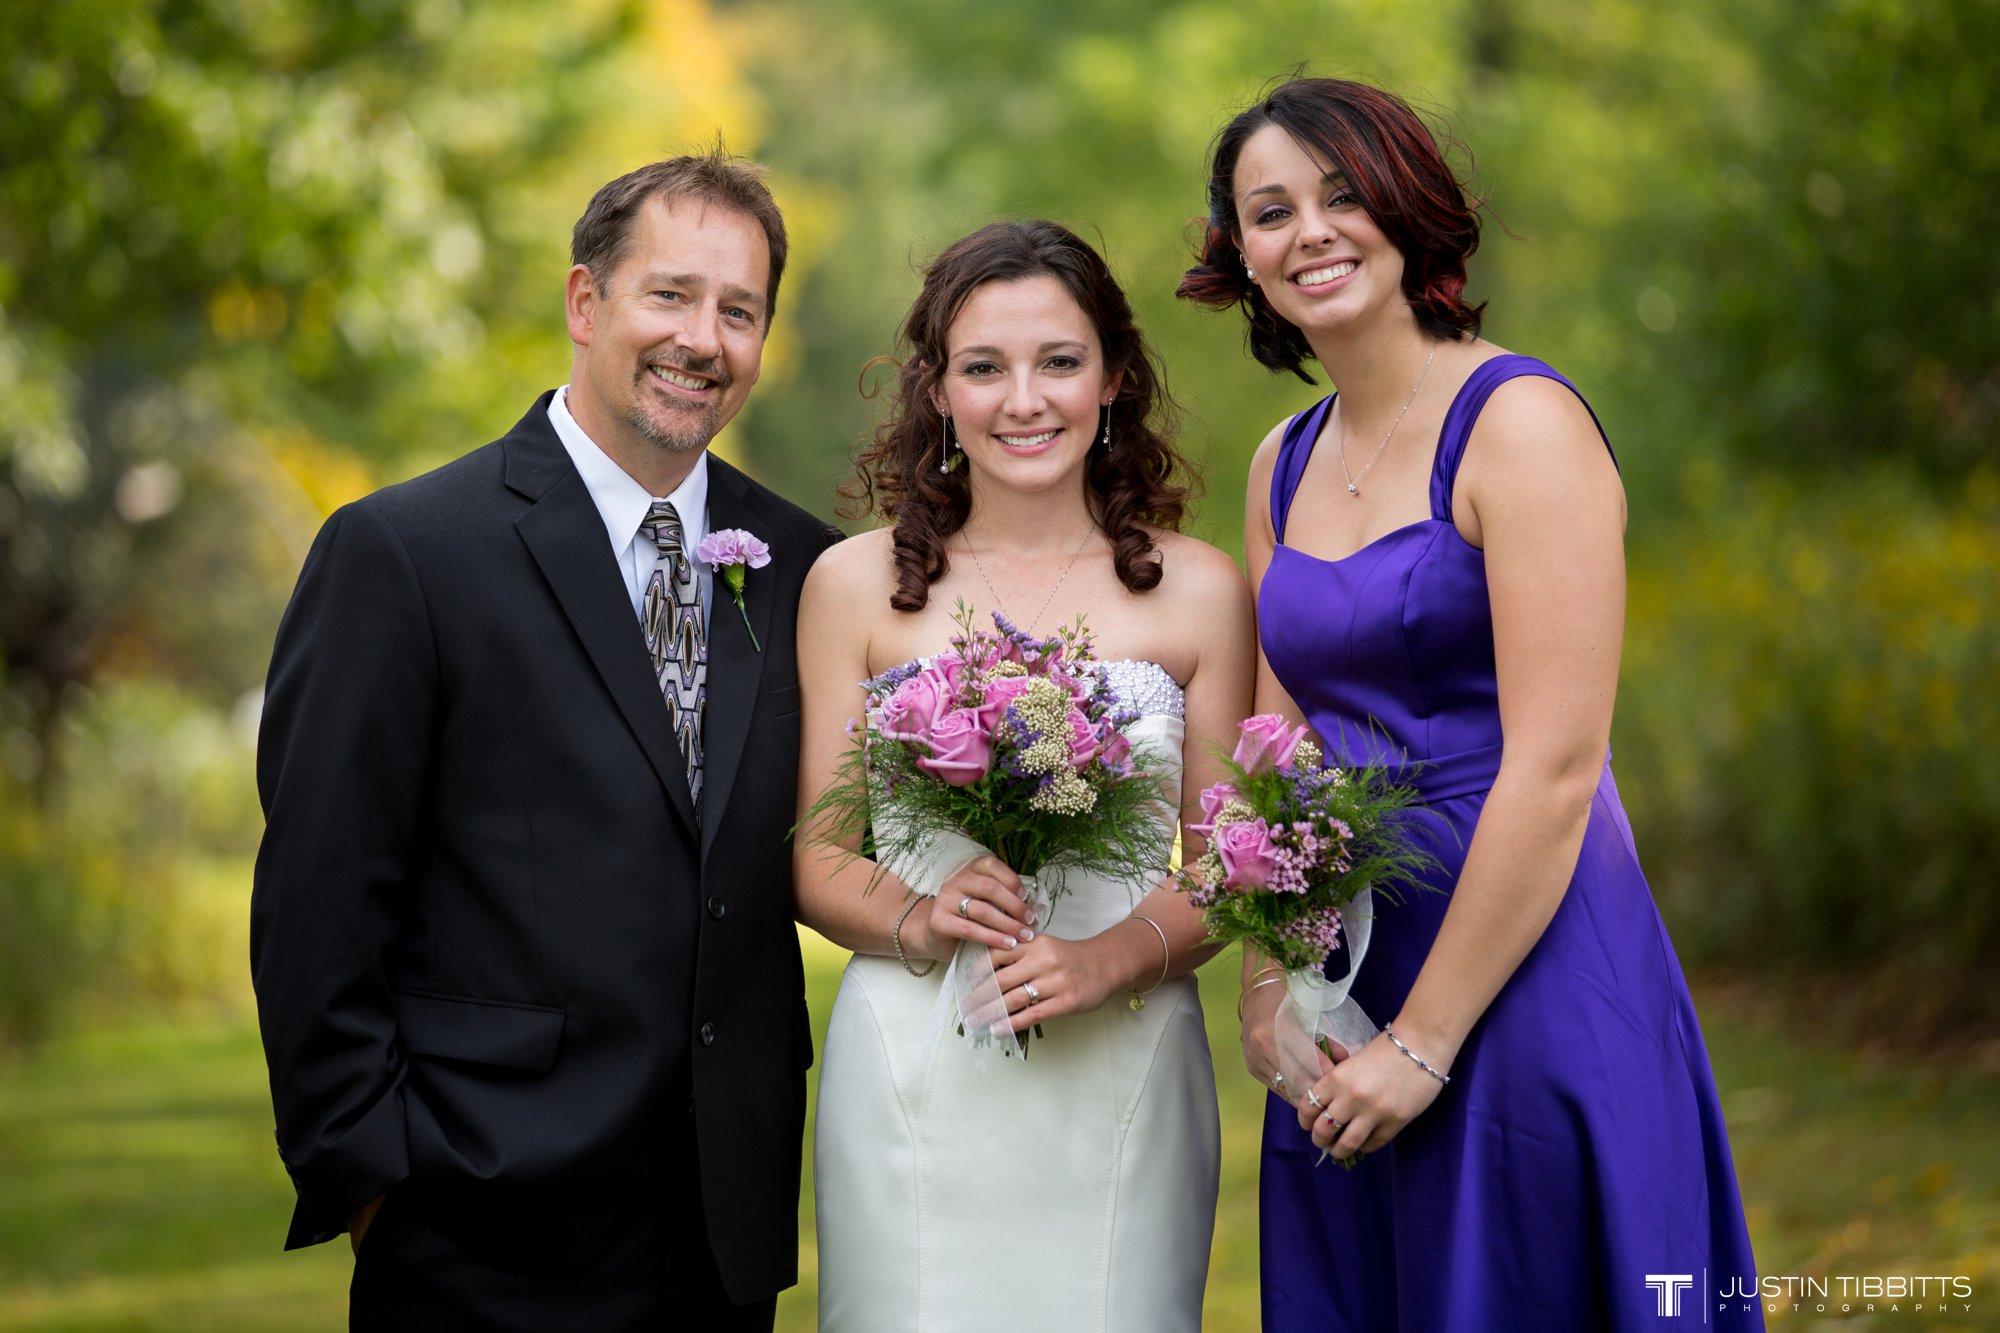 Justin Tibbitts Photography Rob and Brittany's Averill Park, NY Wedding_0391